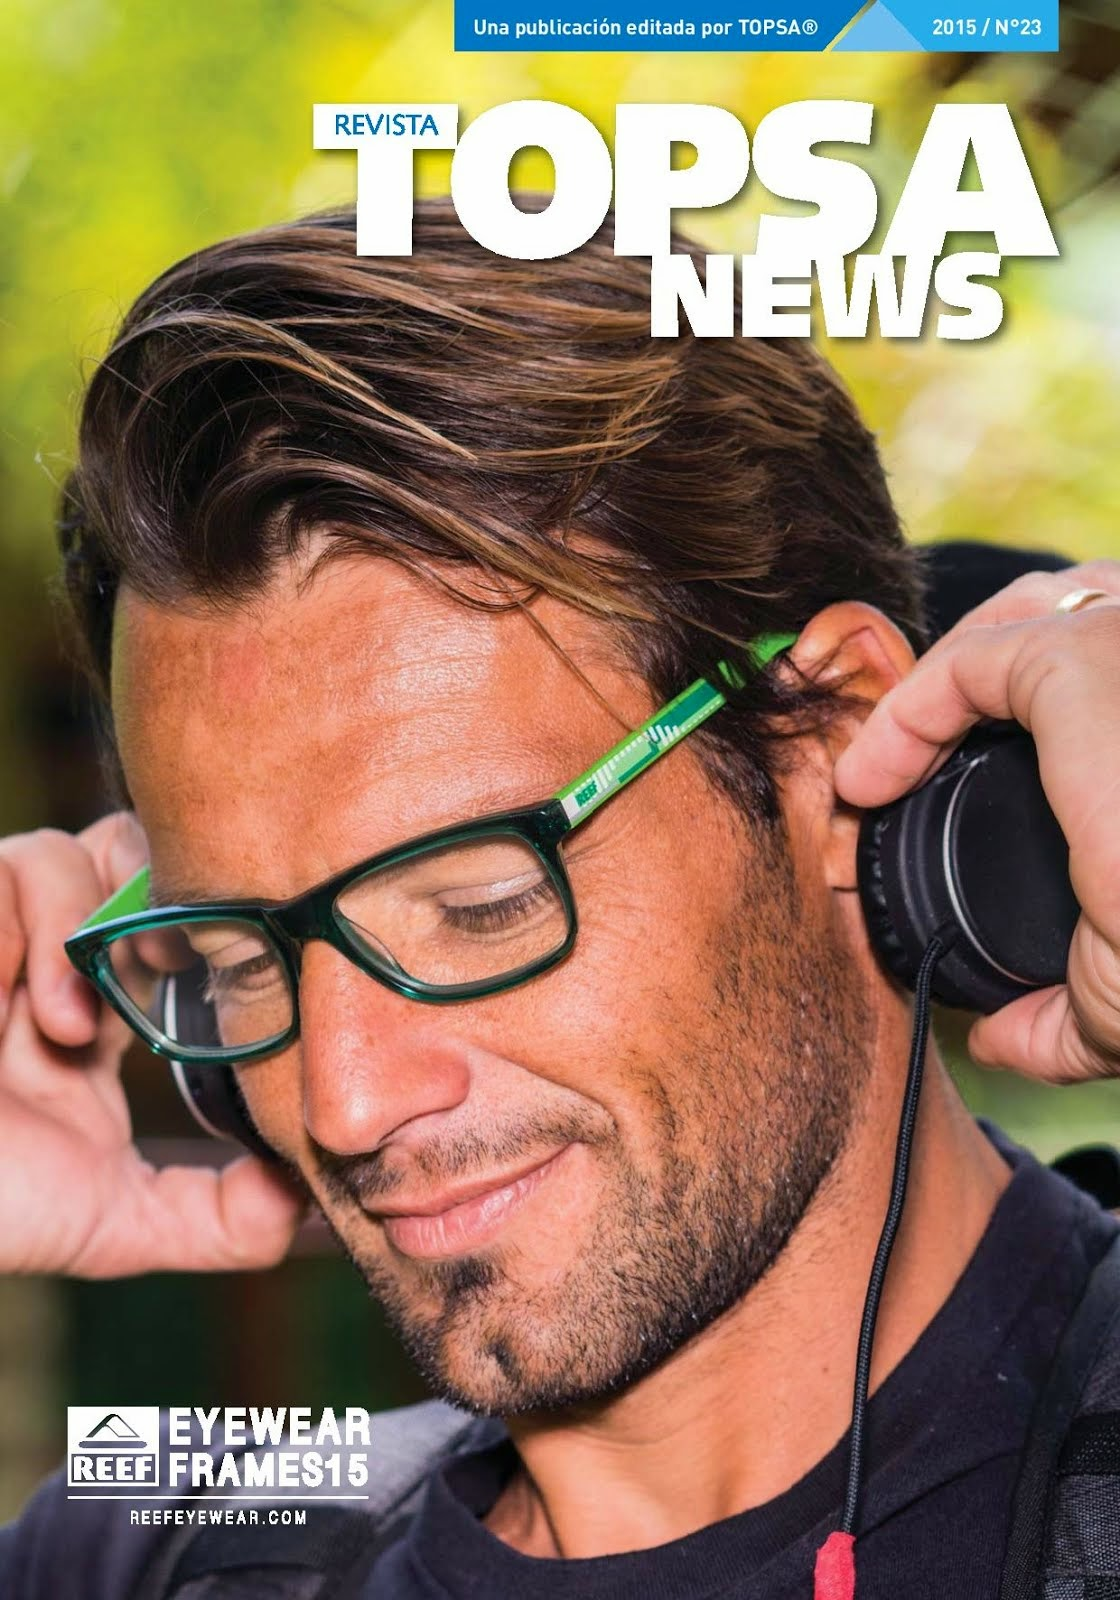 Descubre la última edición de Topsa News Nª 23